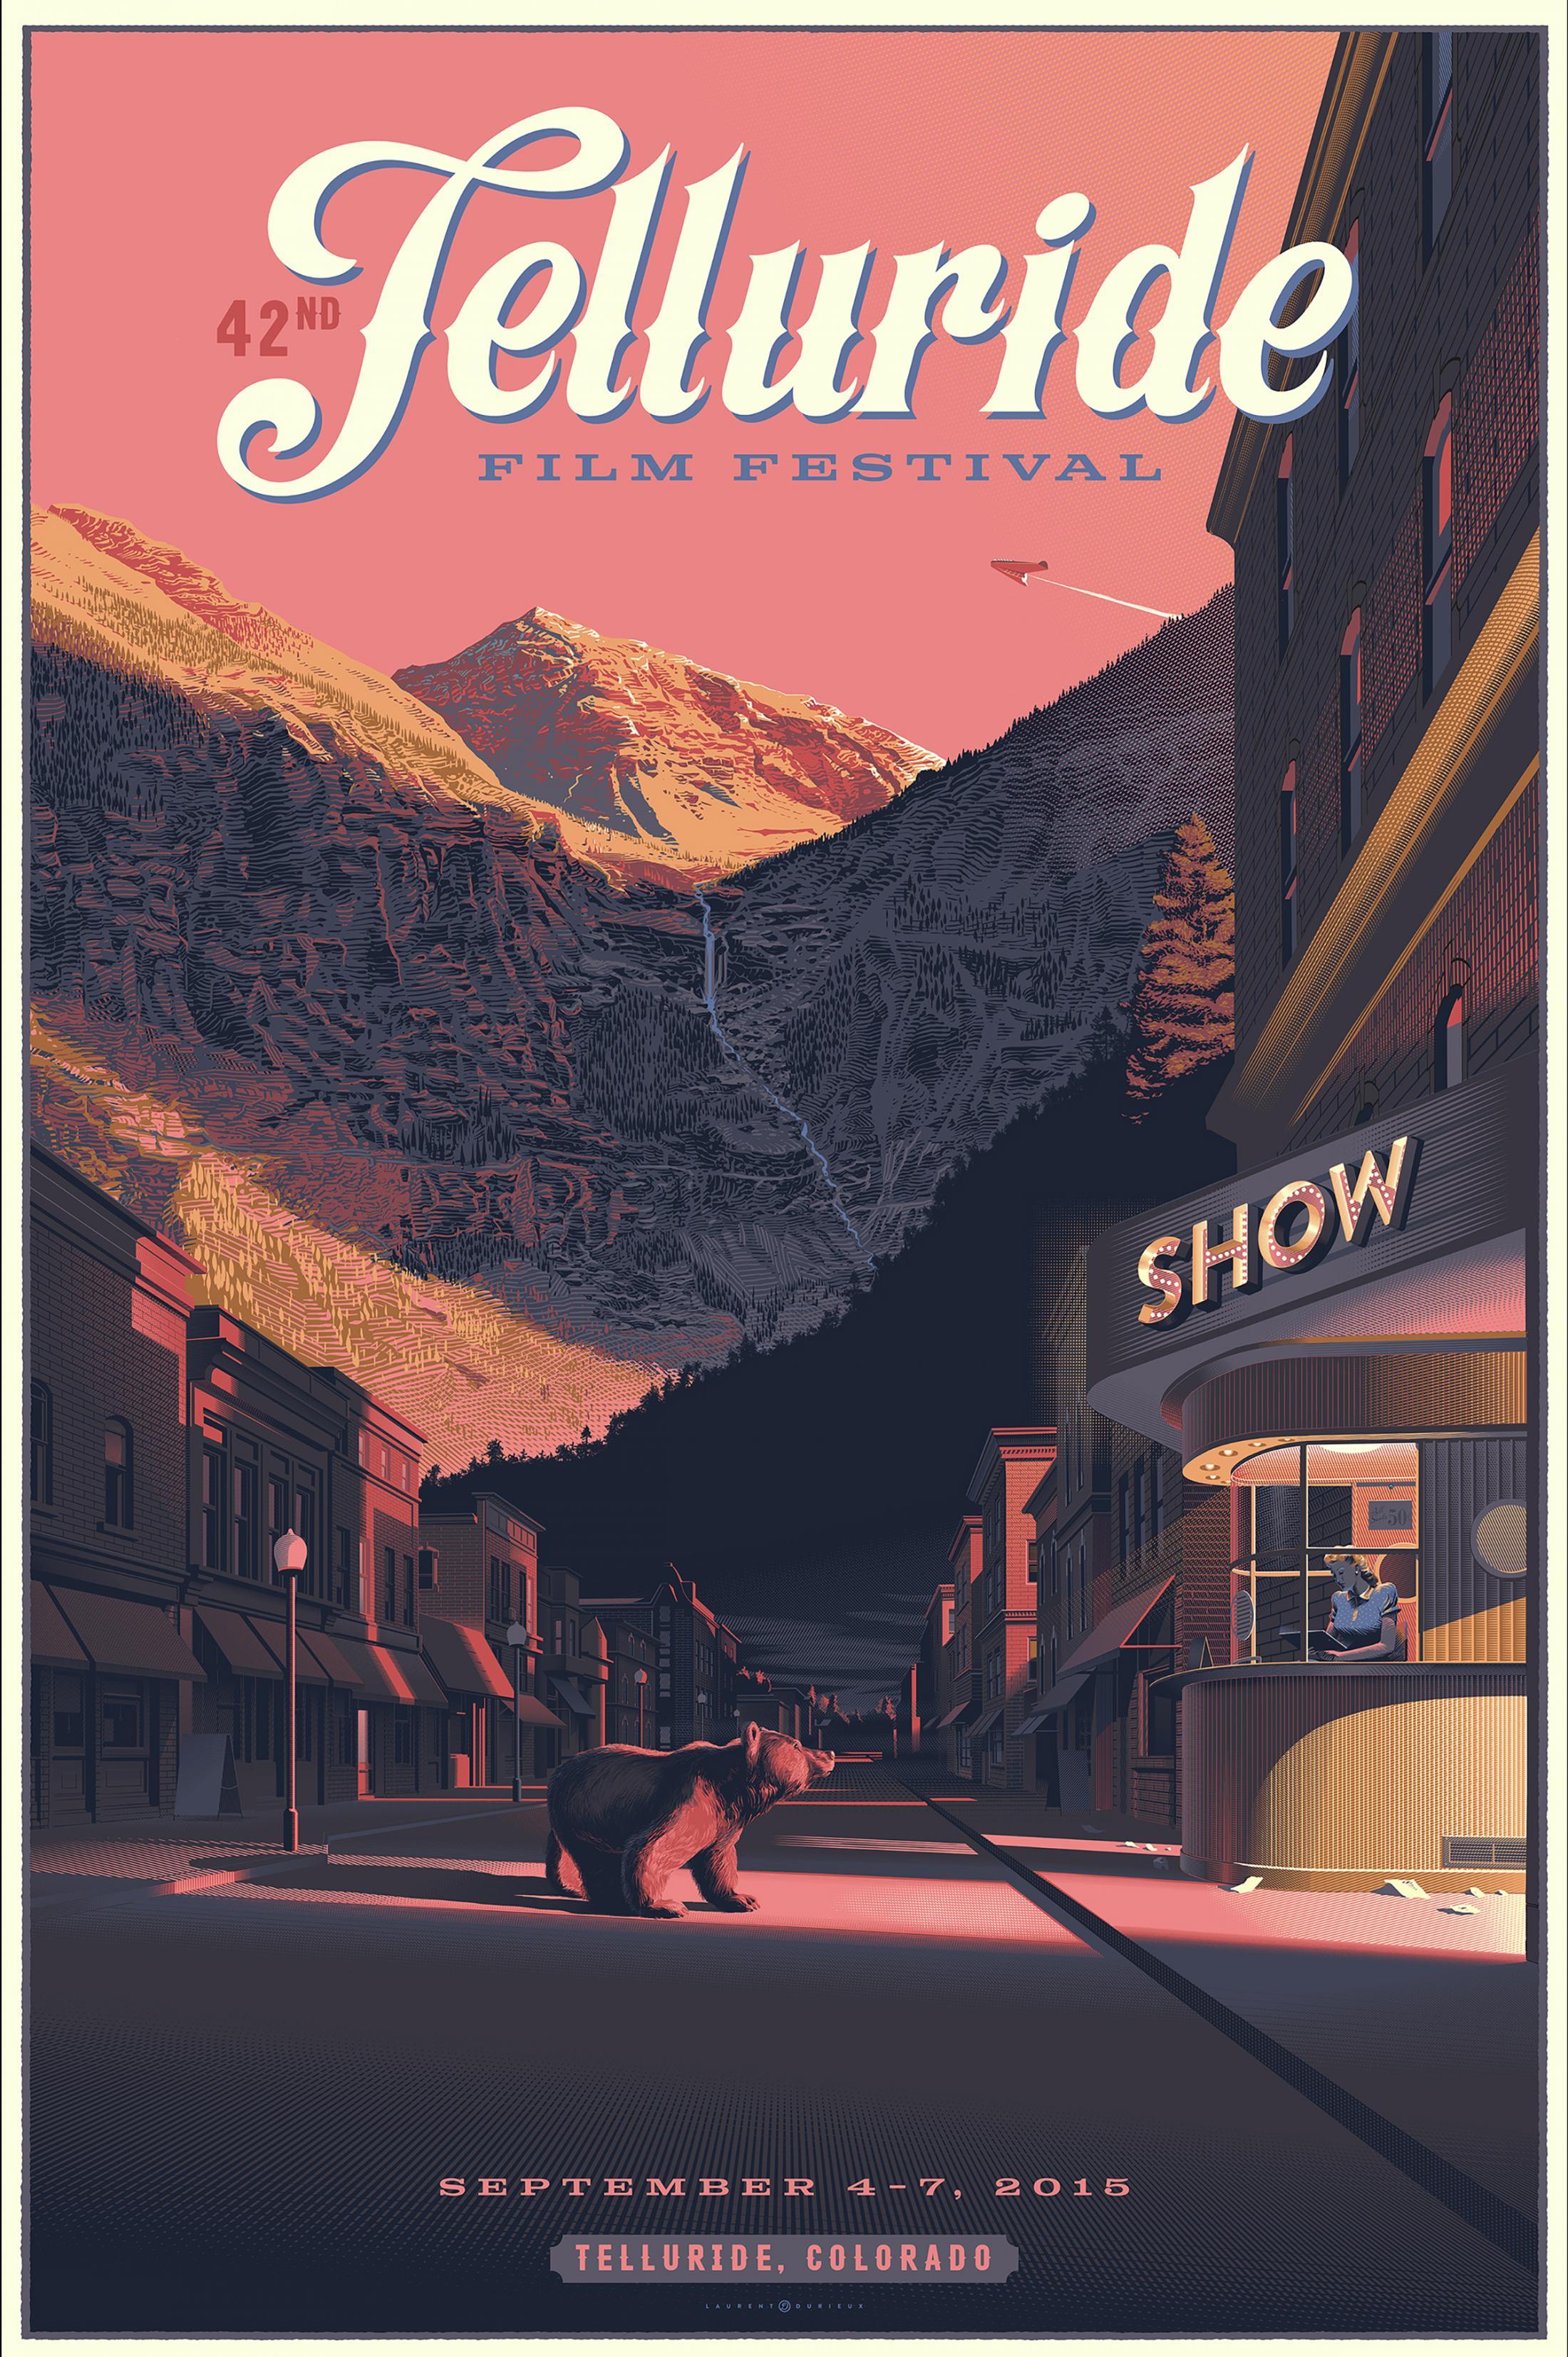 Thumbnail for Telluride Film Festival